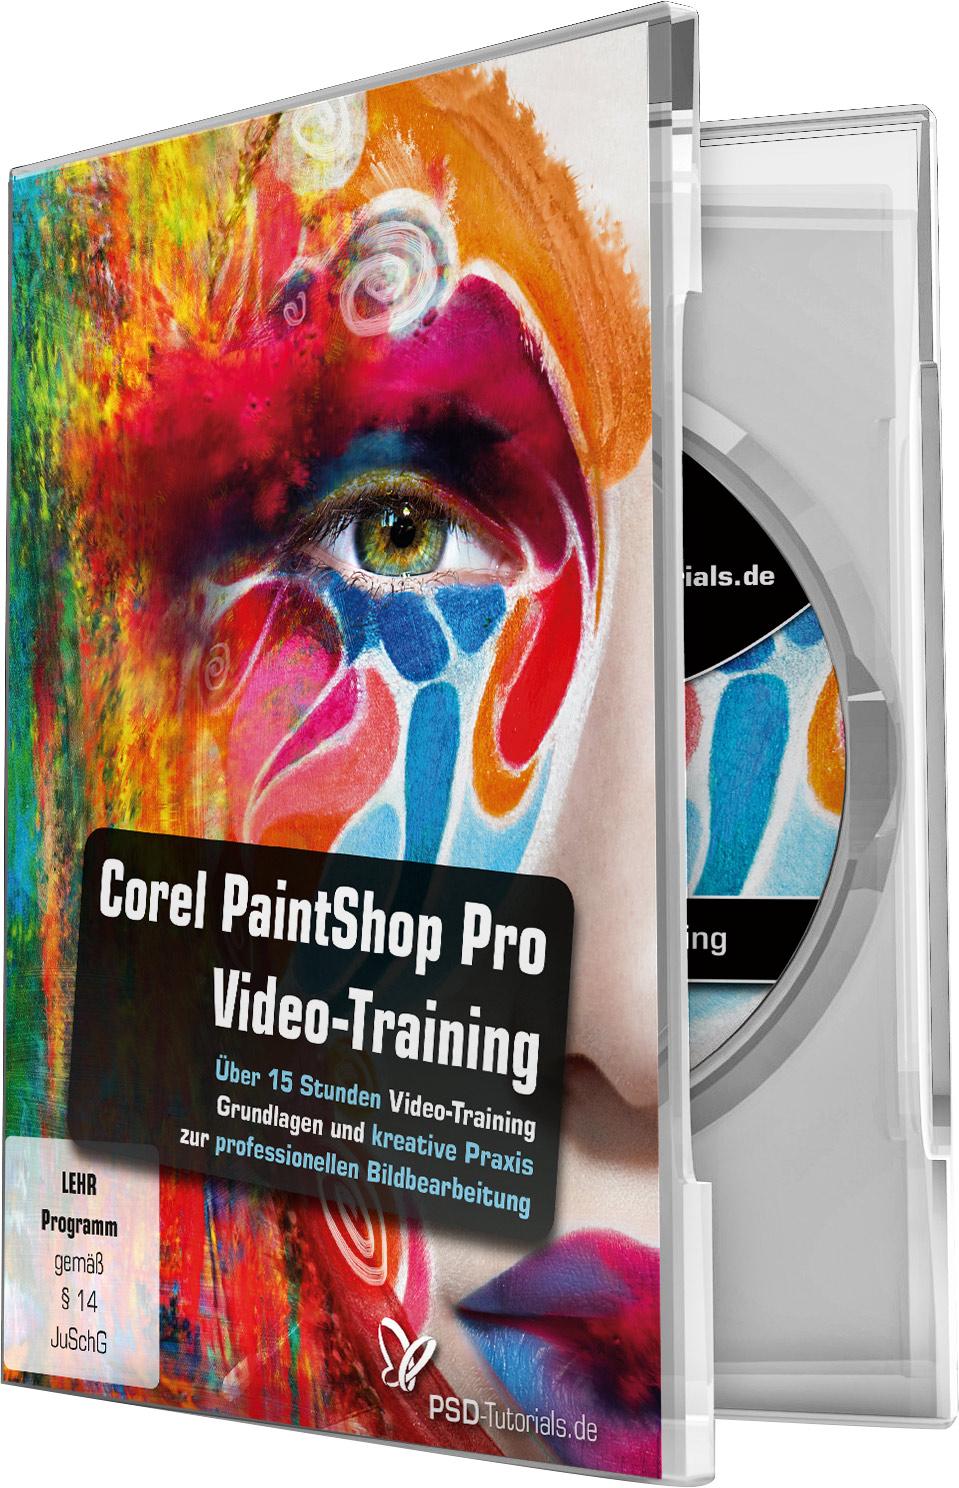 corel paintshop pro video training psd shop. Black Bedroom Furniture Sets. Home Design Ideas